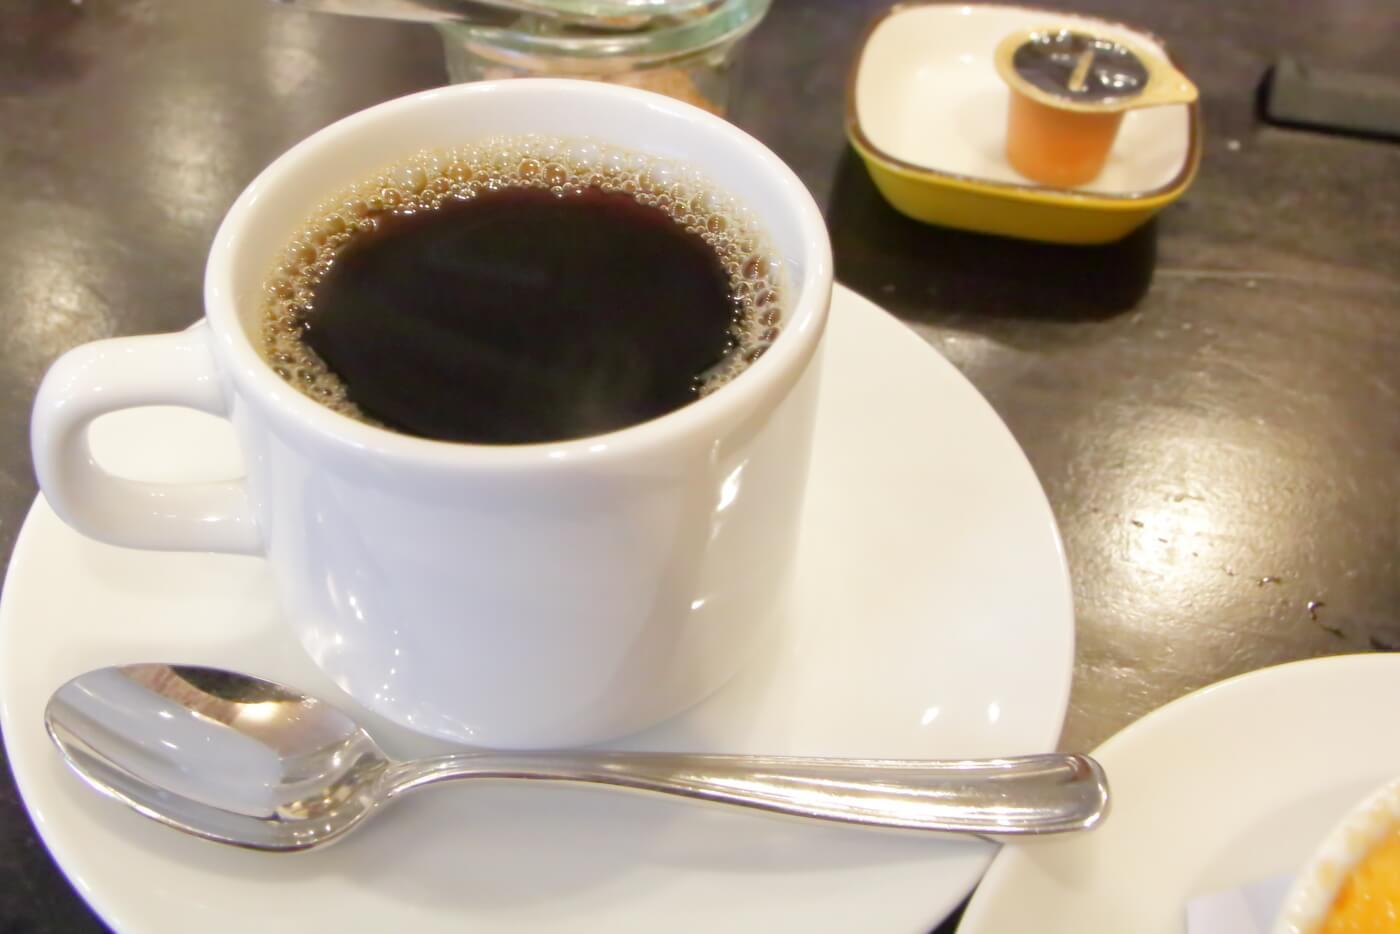 高知市ルビストロタシマのランチ 食後のホットコーヒー